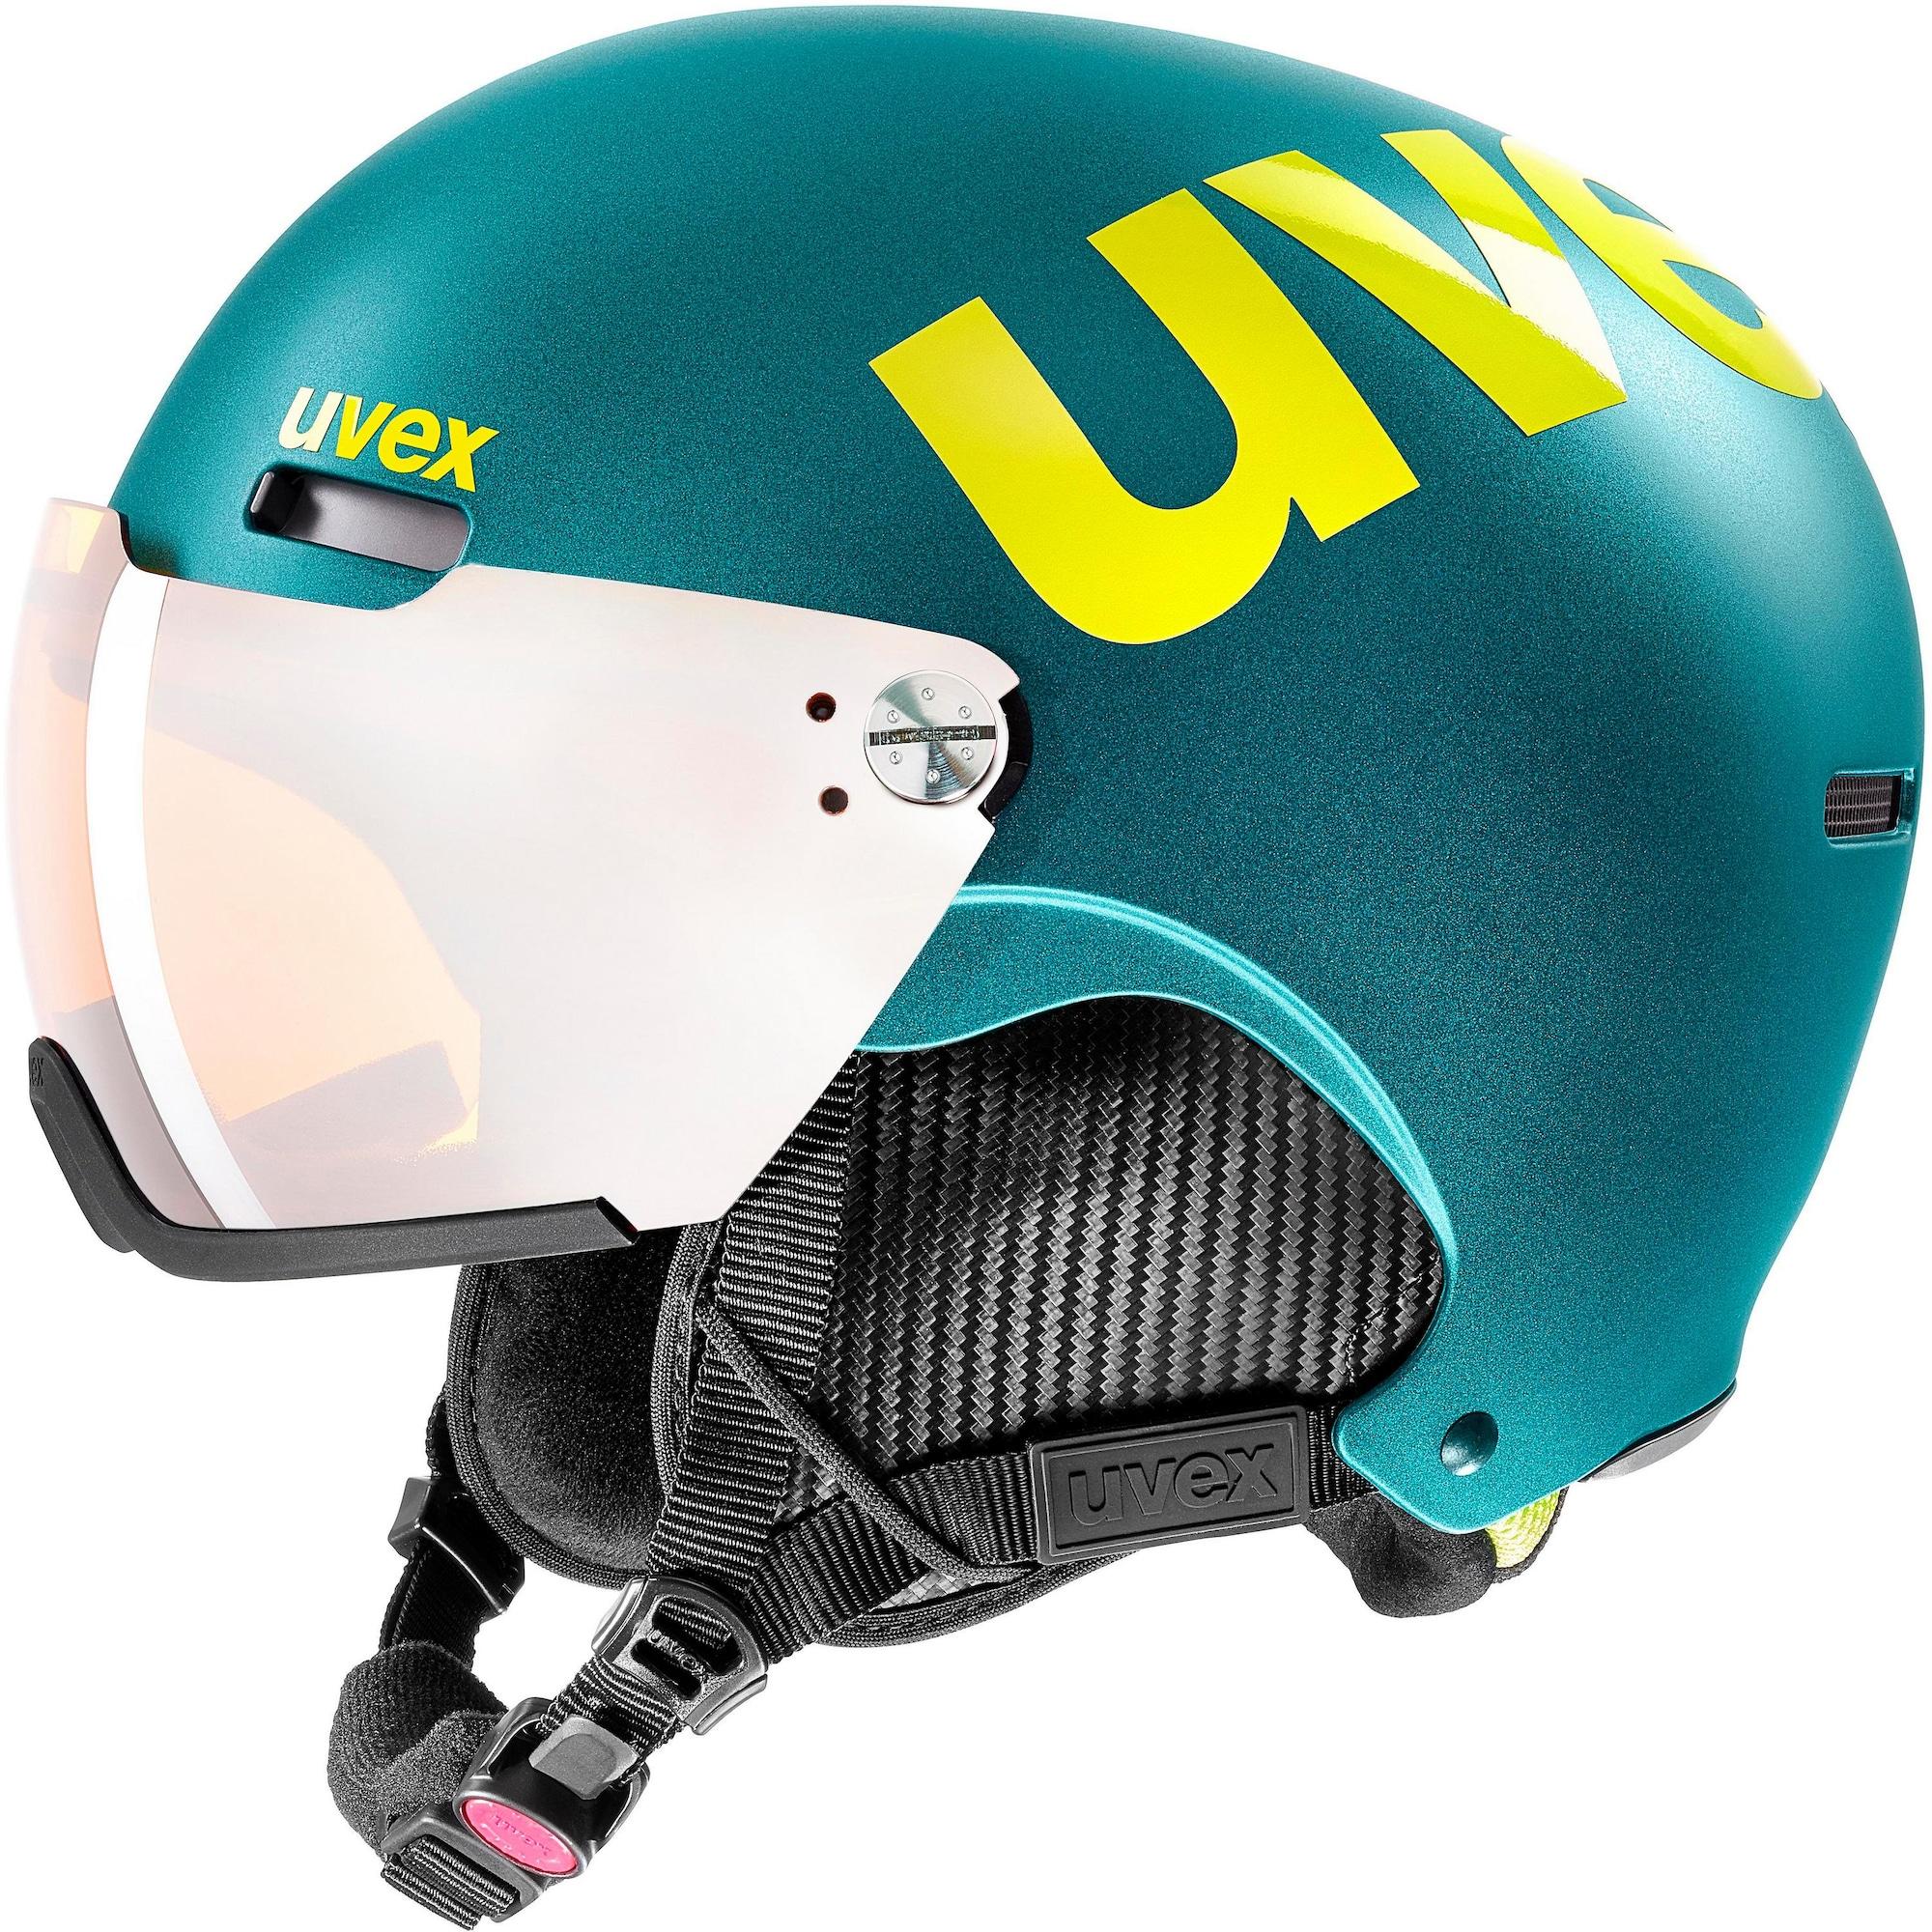 Skihelm 'hlmt 500 visor' | Accessoires > Caps > Visors | Uvex